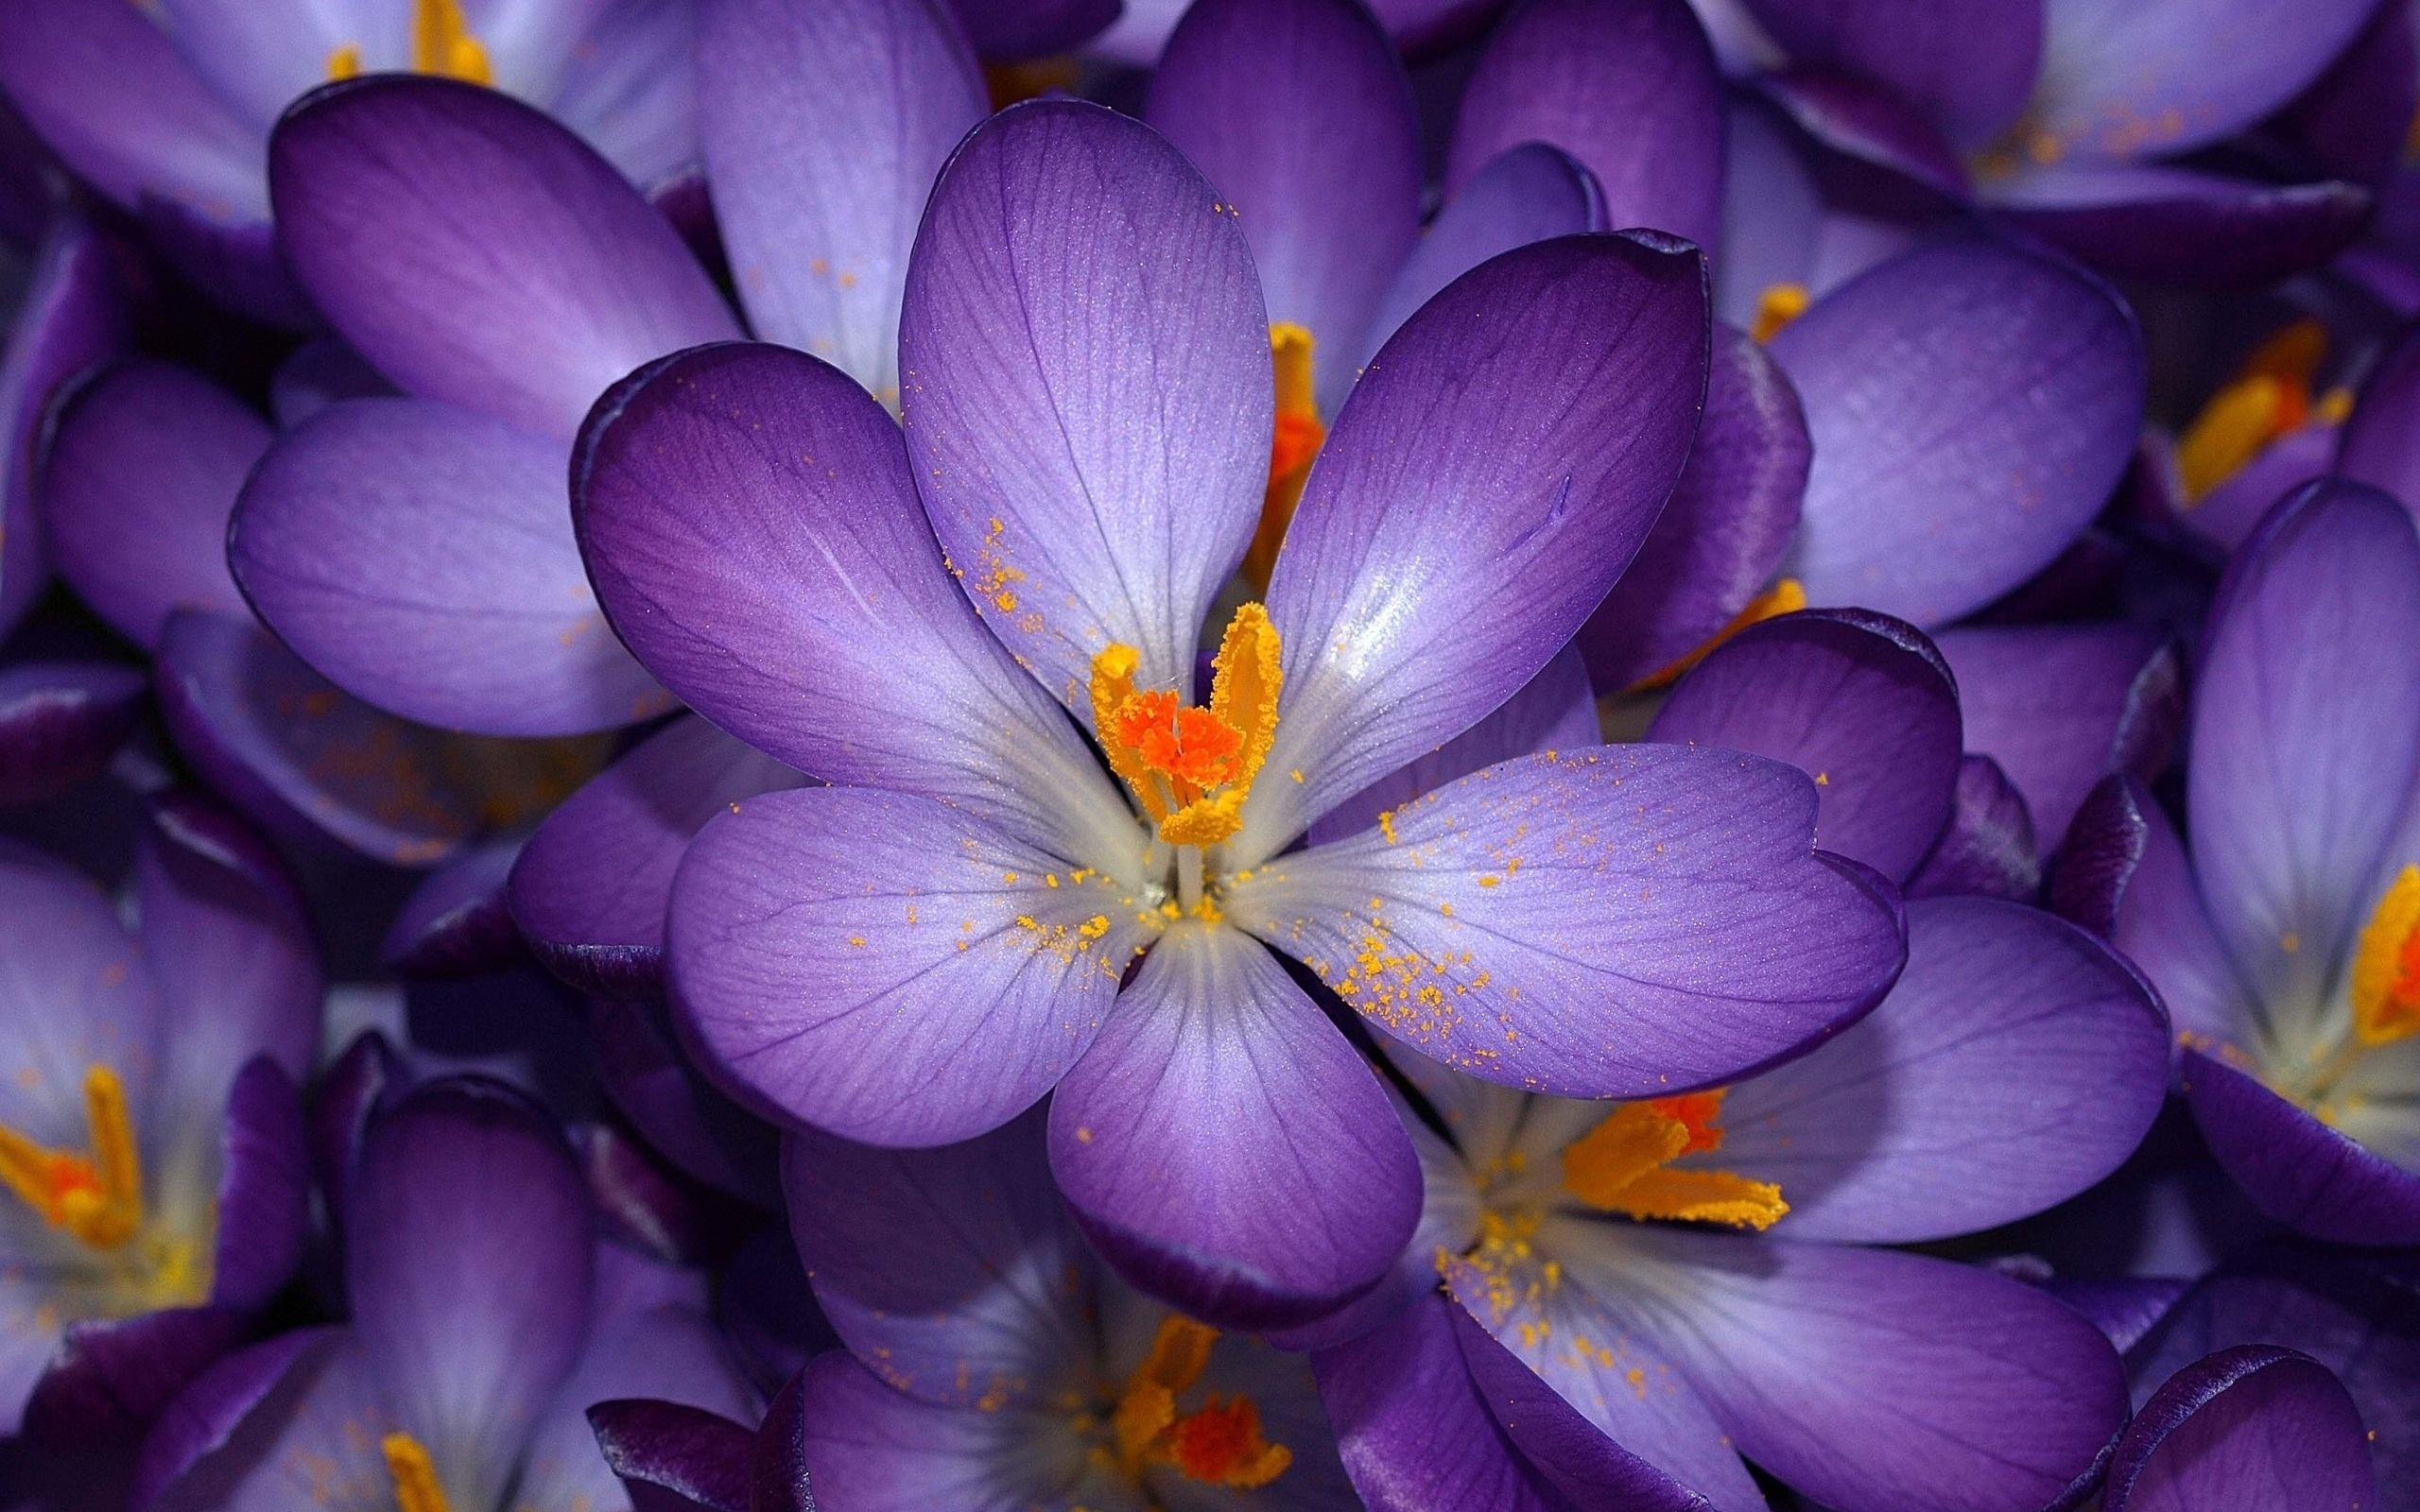 Картинка с самыми красивыми цветами, переживай